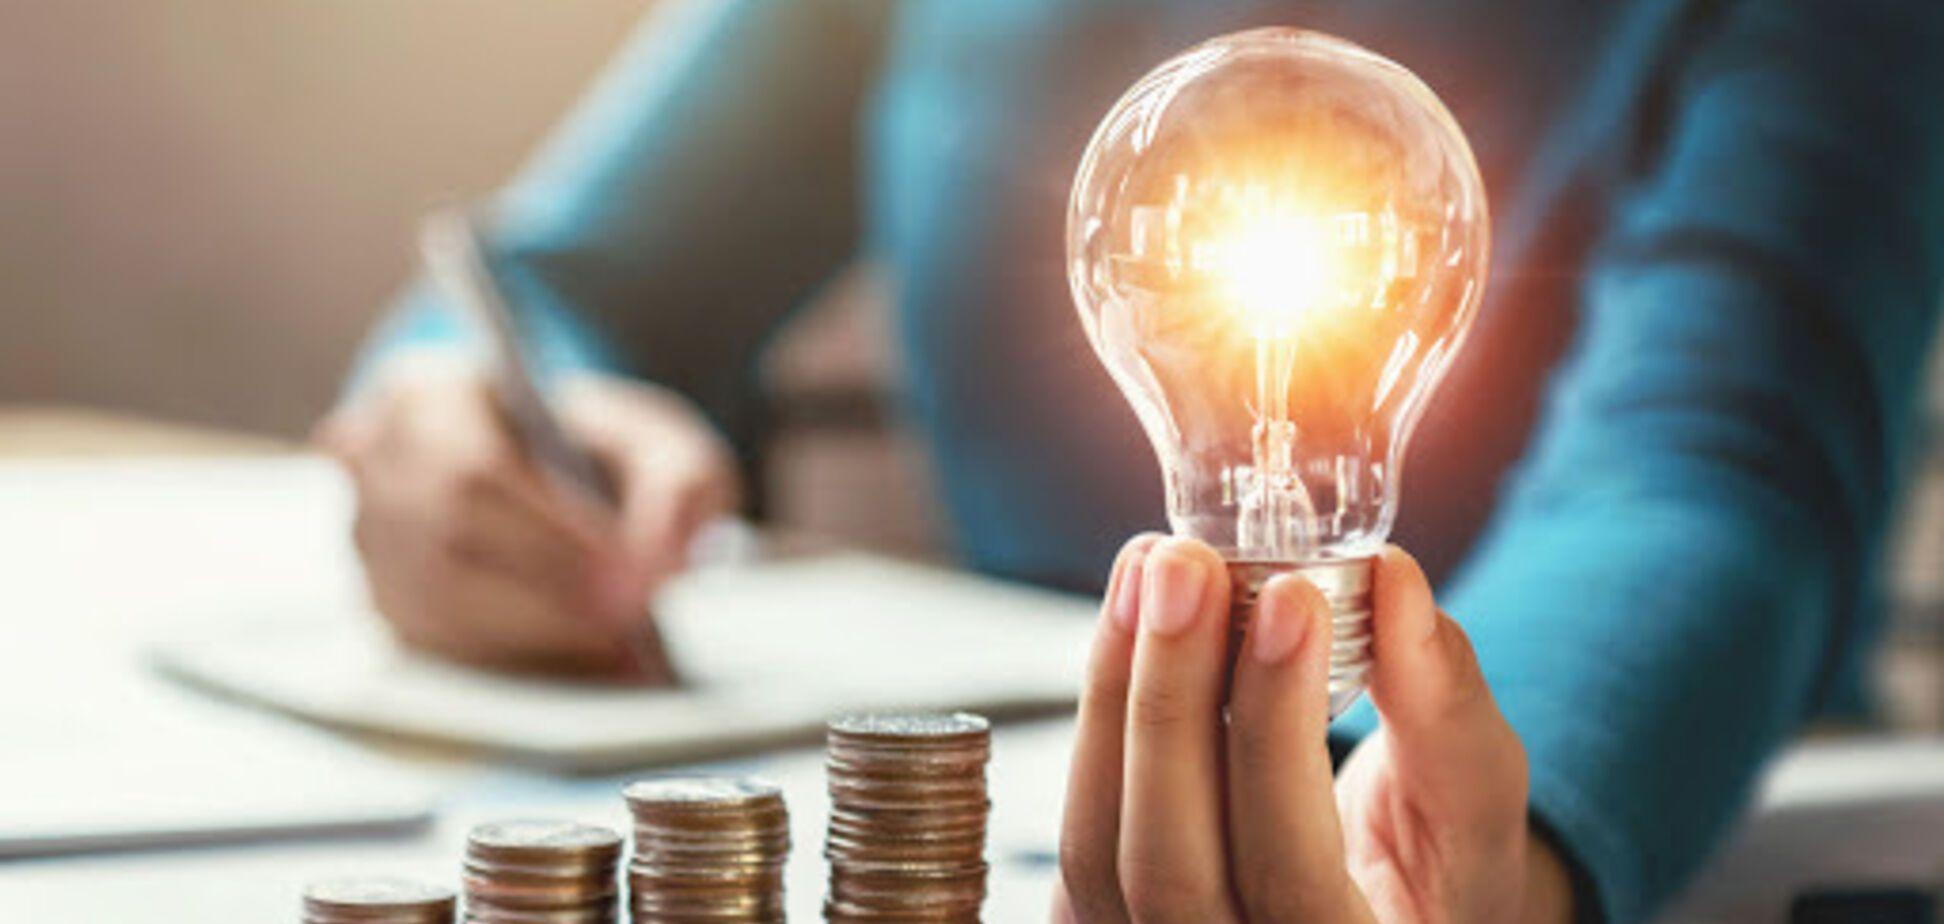 'Енергоатом' відмовився продавати електроенергію на торгах після зміни ПСО